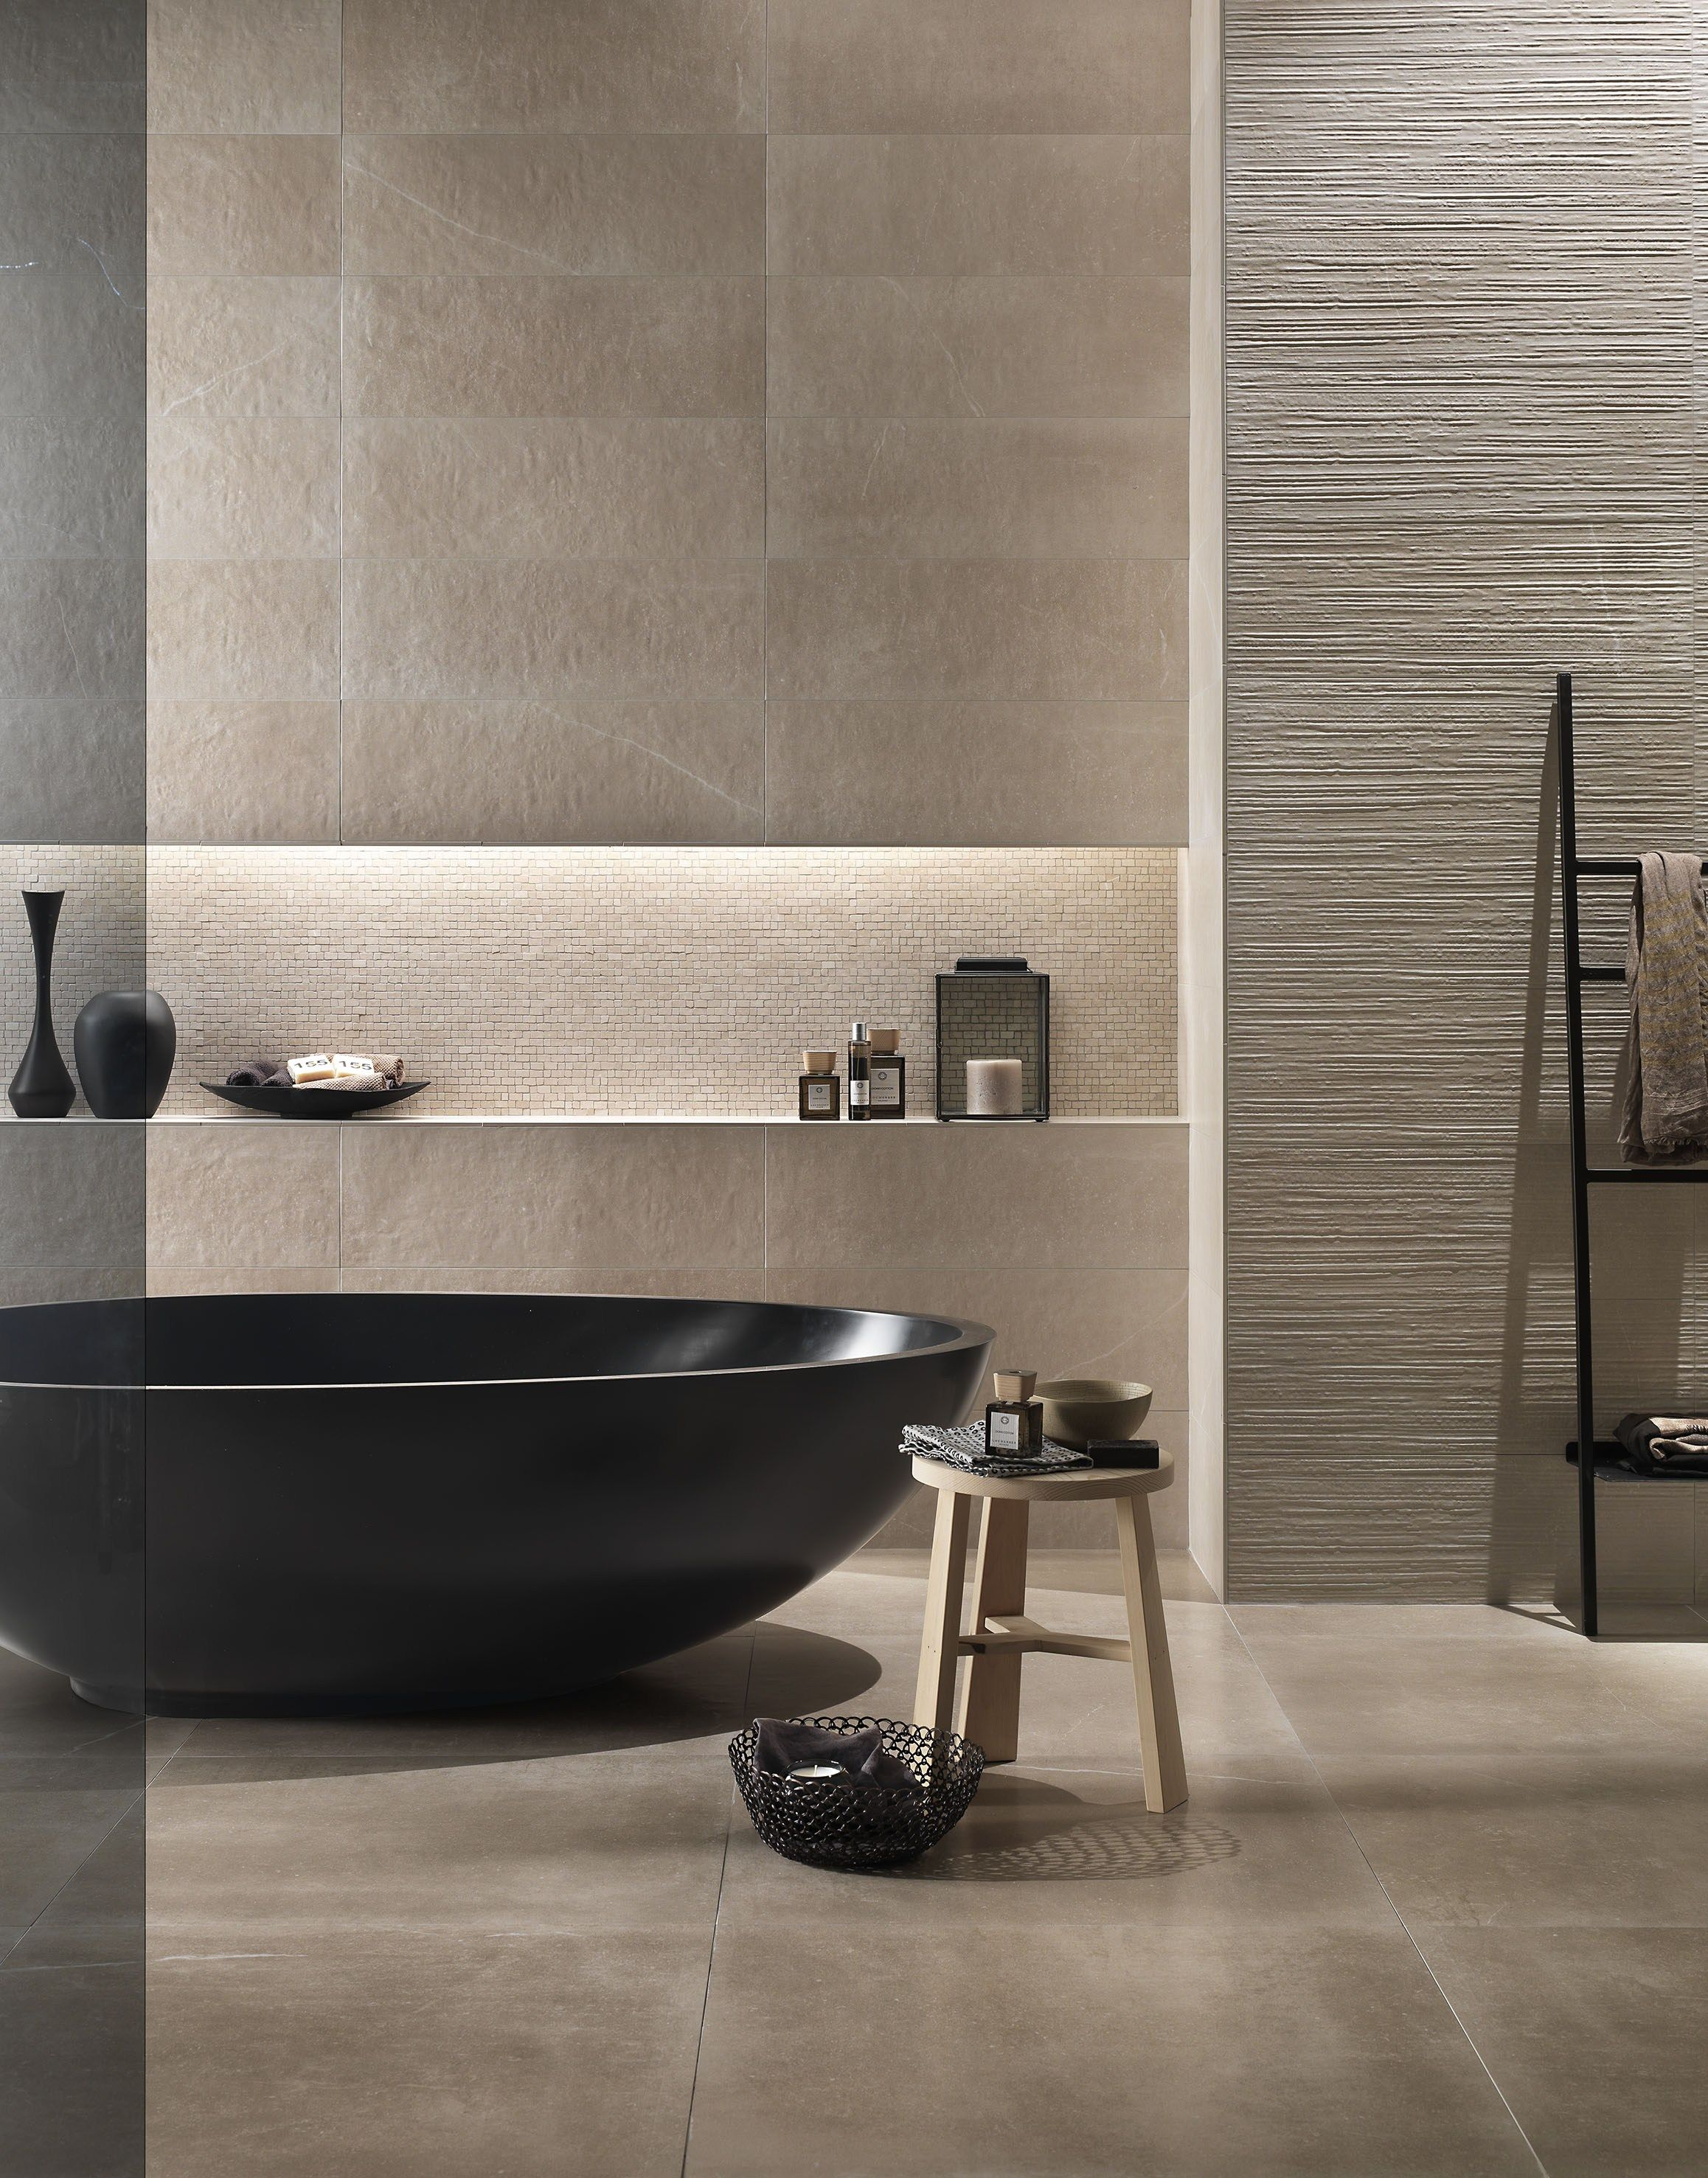 COCOON modern bathroom inspiration bycocoon.com | black bathtub ...